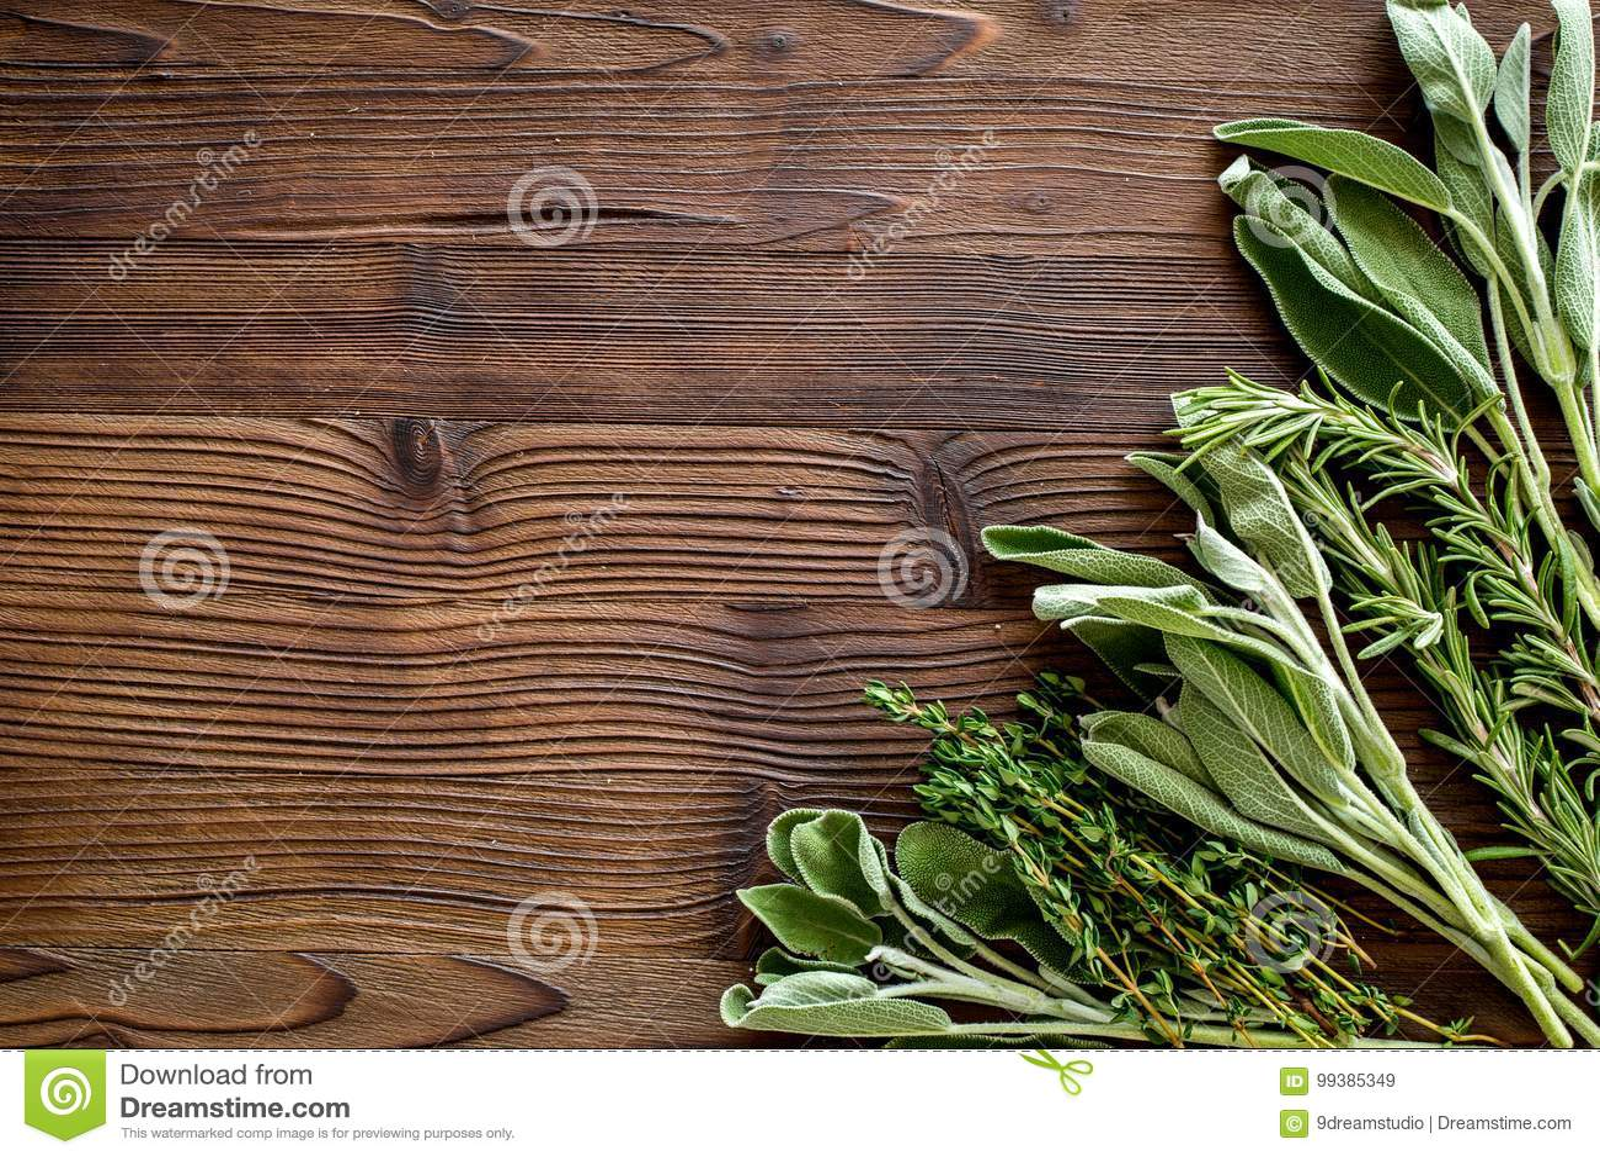 Herstellung Gewürze Mit Frischen Kräutern Und Dem Grün Für Das